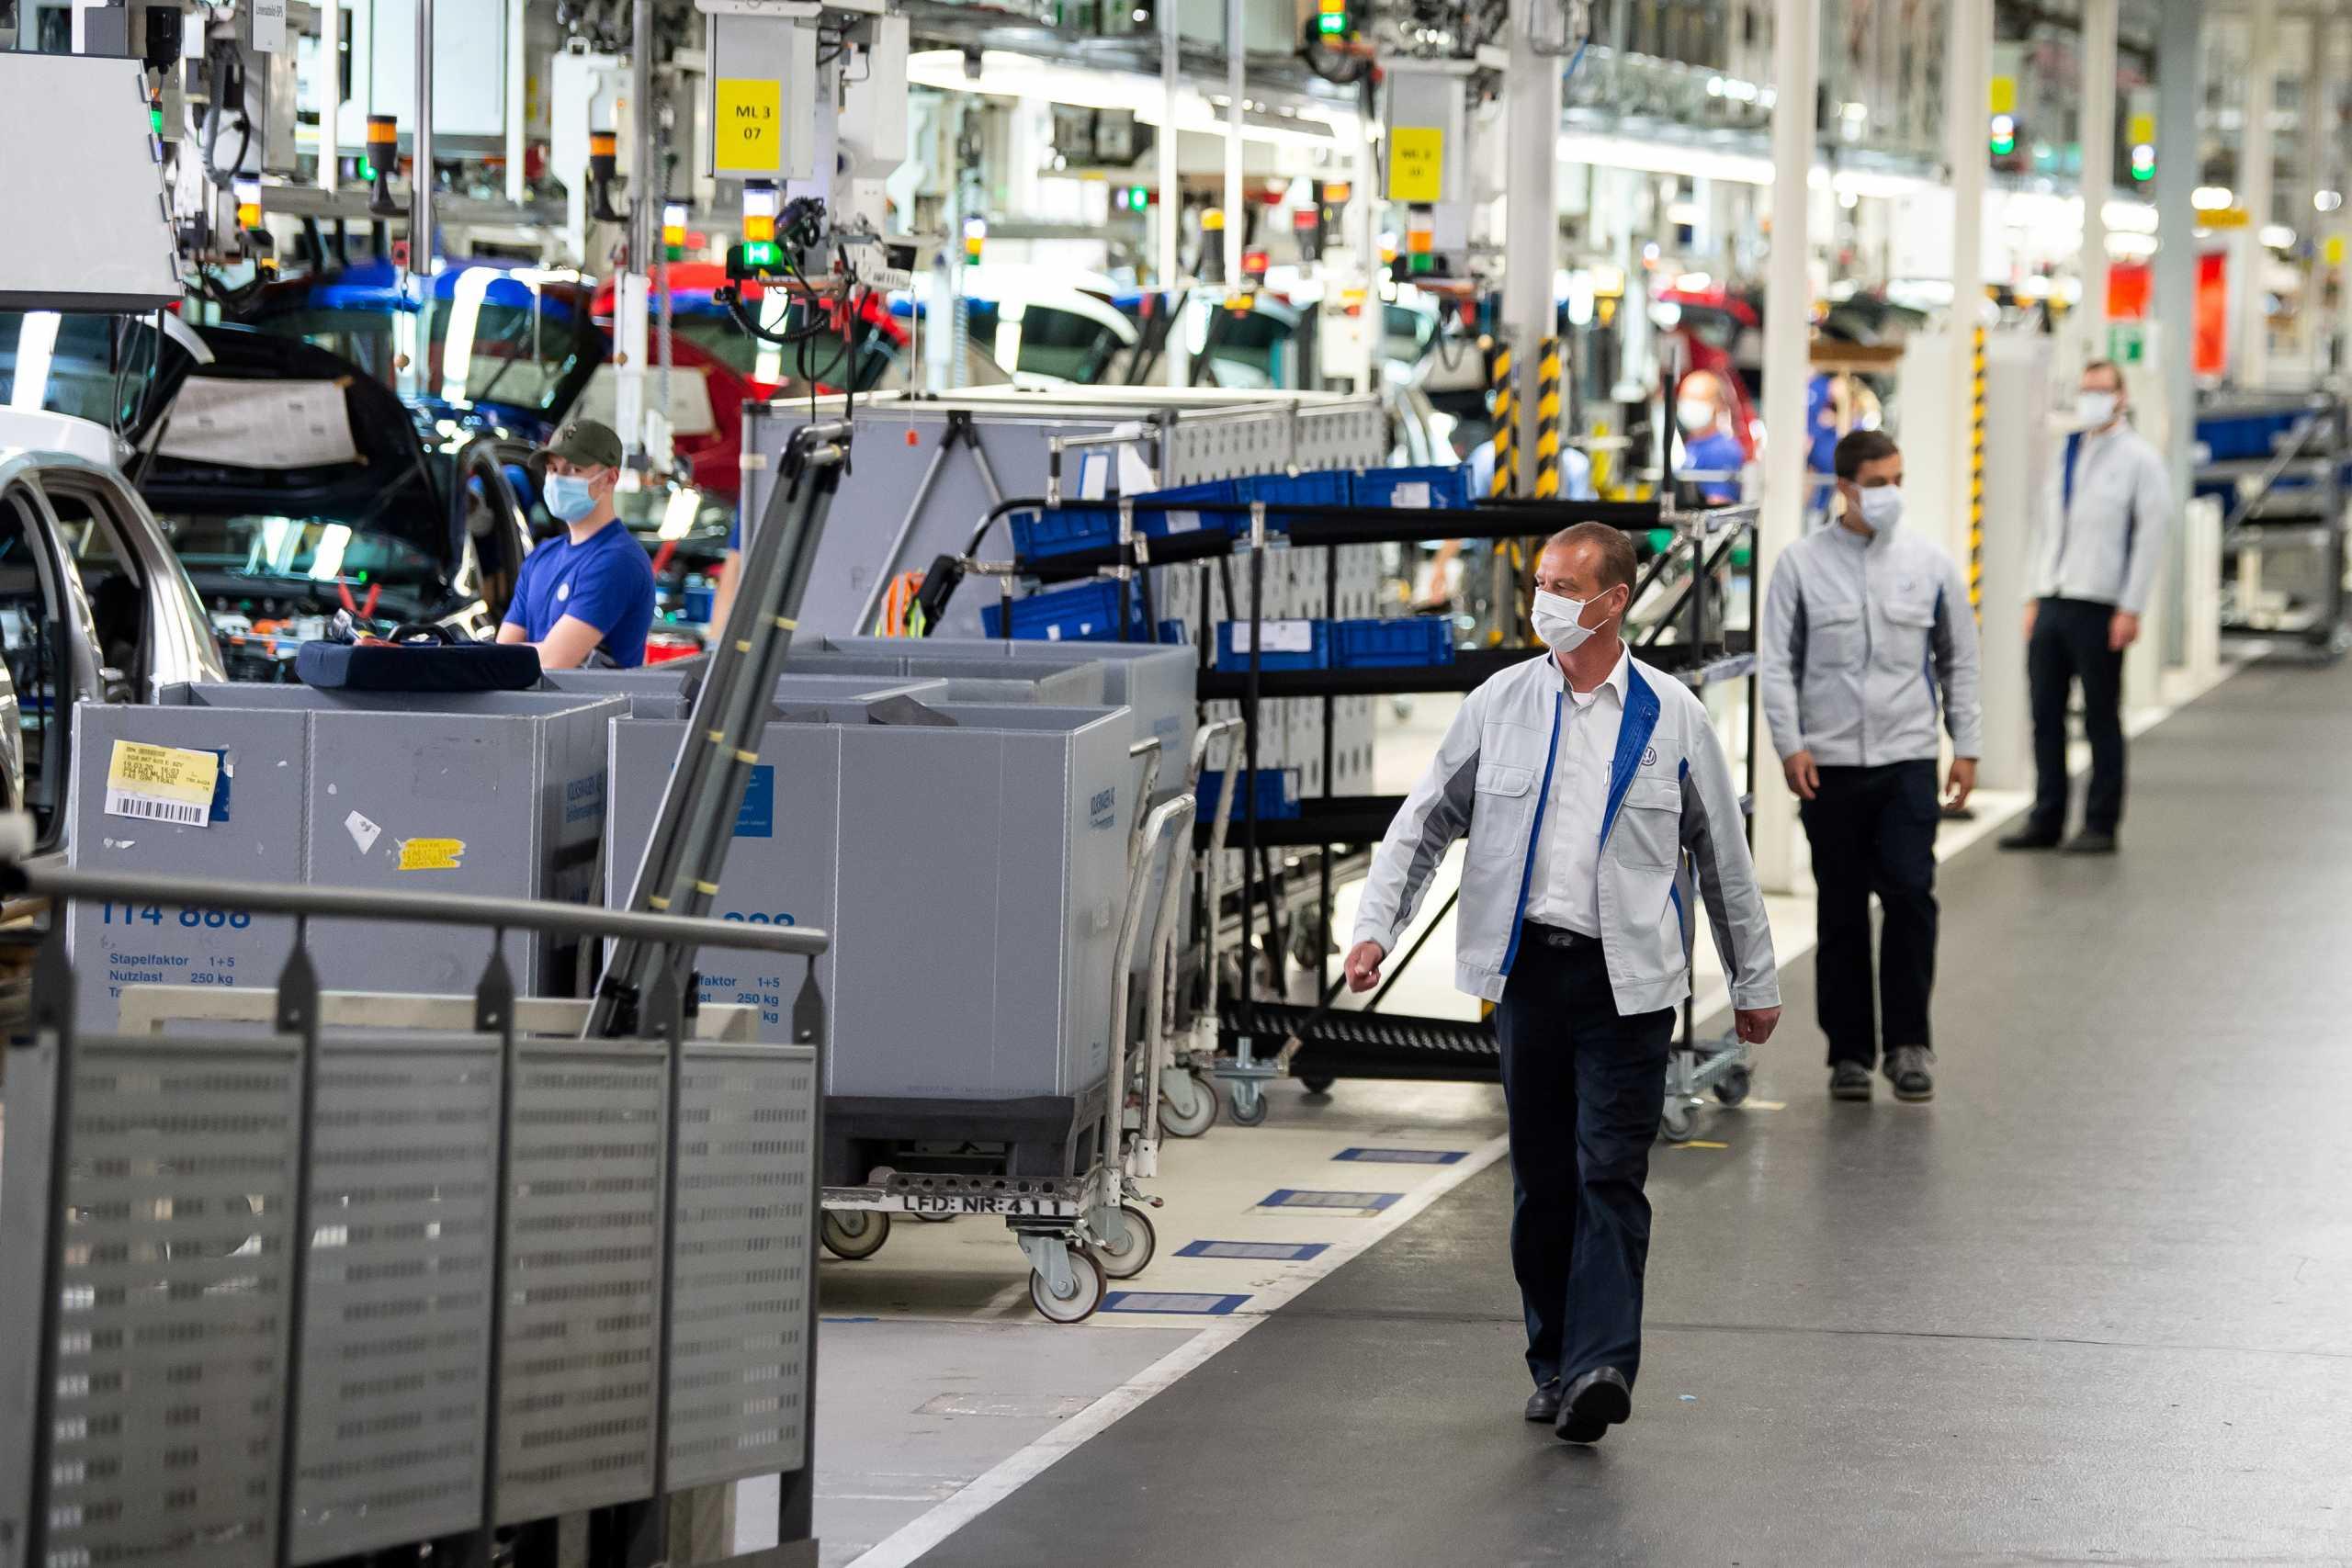 Ευρωζώνη: Σταθερό στο 8,3% το ποσοστό ανεργίας τον Δεκέμβριο